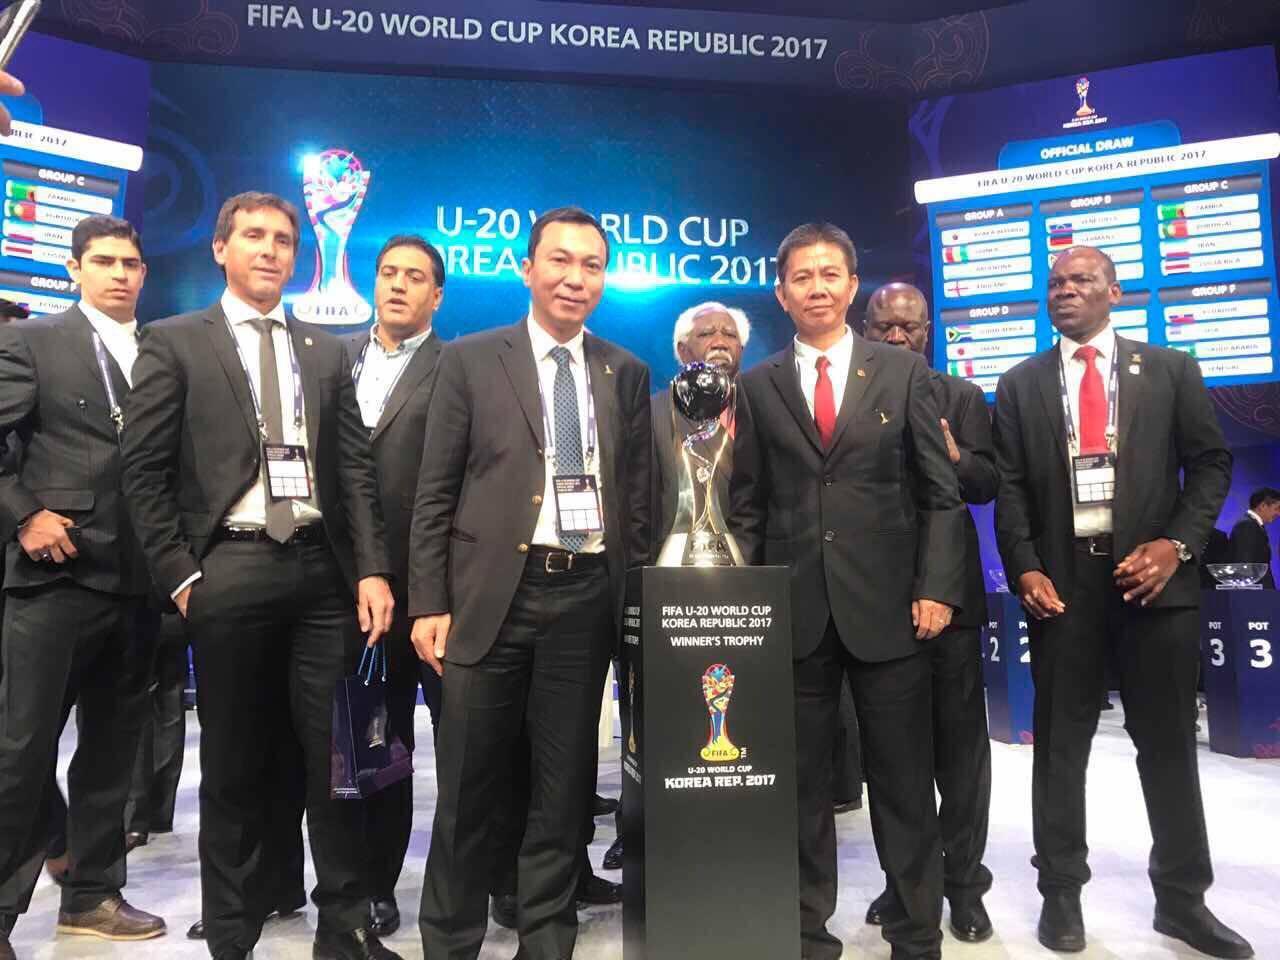 U20 Thế giới, U20 Việt Nam, đối thủ U20 Việt Nam, bốc thăm U20 thế giới, U20 thế giới, HLV Hoàng Anh Tuấn